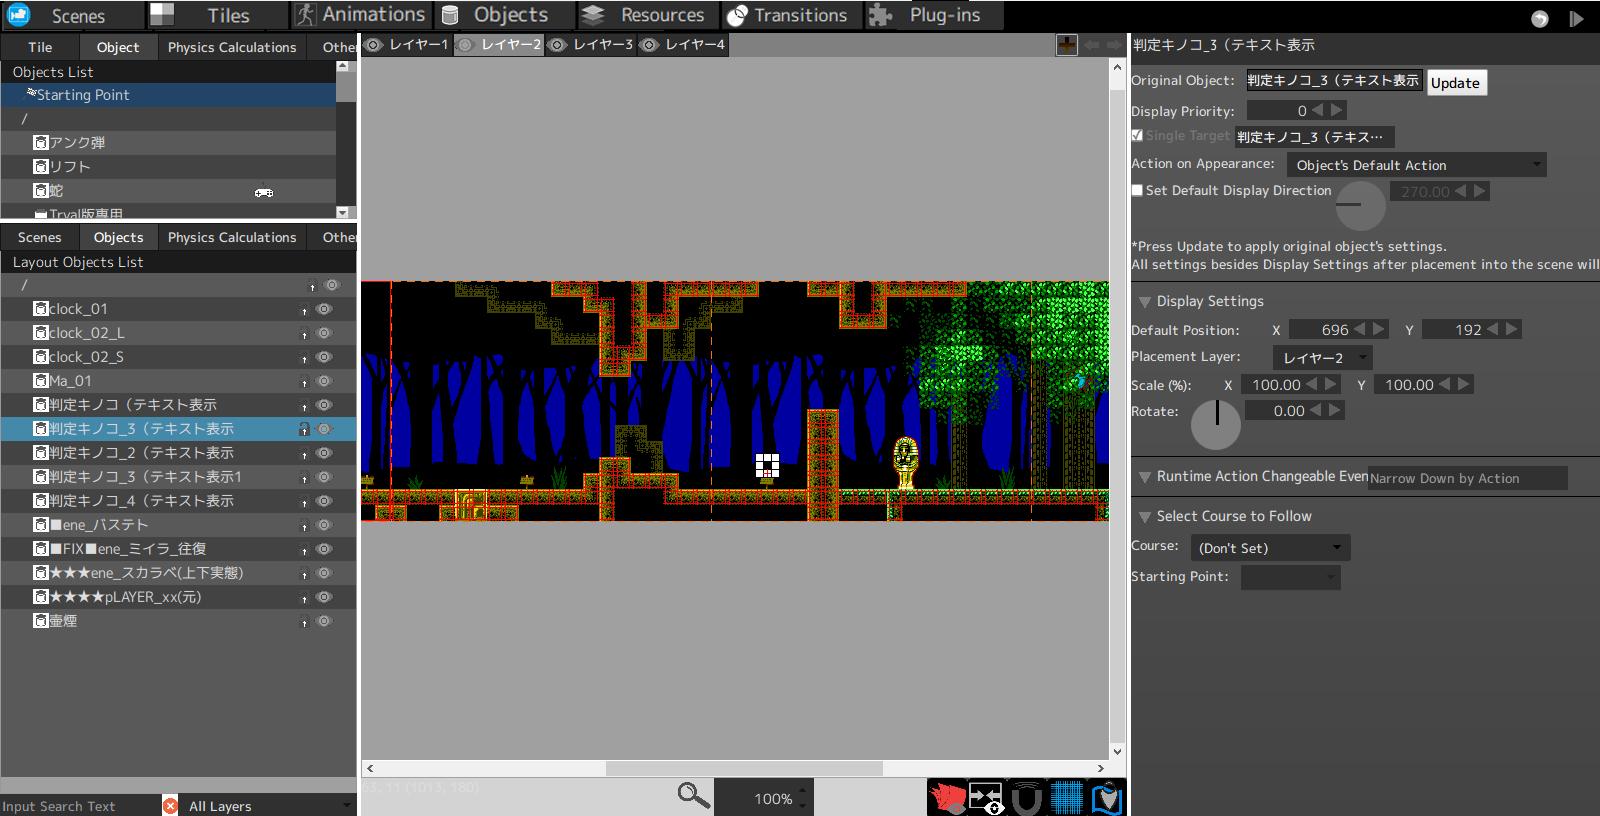 Abbiamo provato Pixel Game Maker MV, un potente tool di creazione di videogiochi per Windows